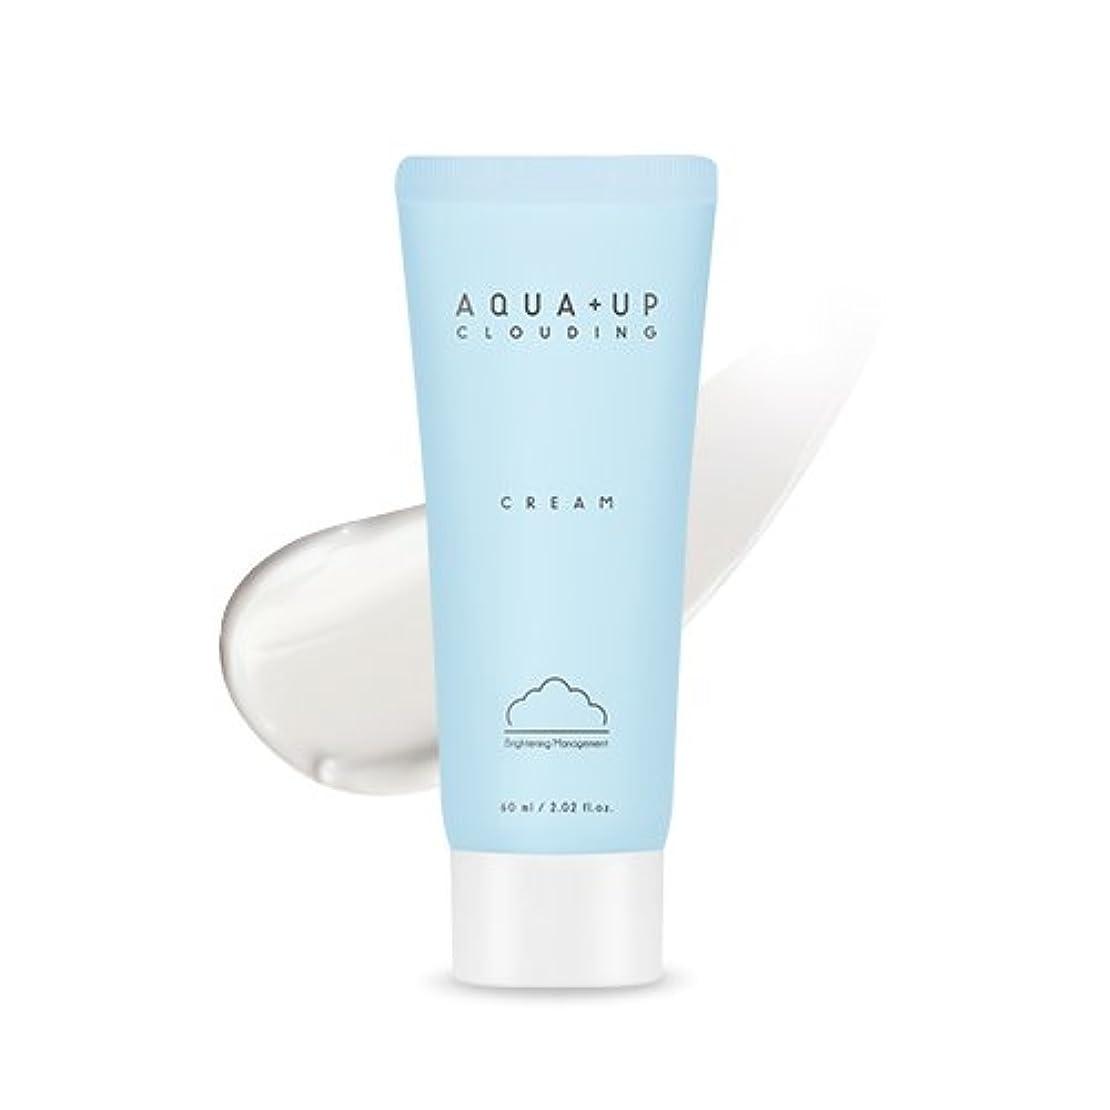 維持粗い許容APIEU (AQUA+UP) Clouding Cream/アピュアクアアップクラウドディングクリーム 60ml [並行輸入品]